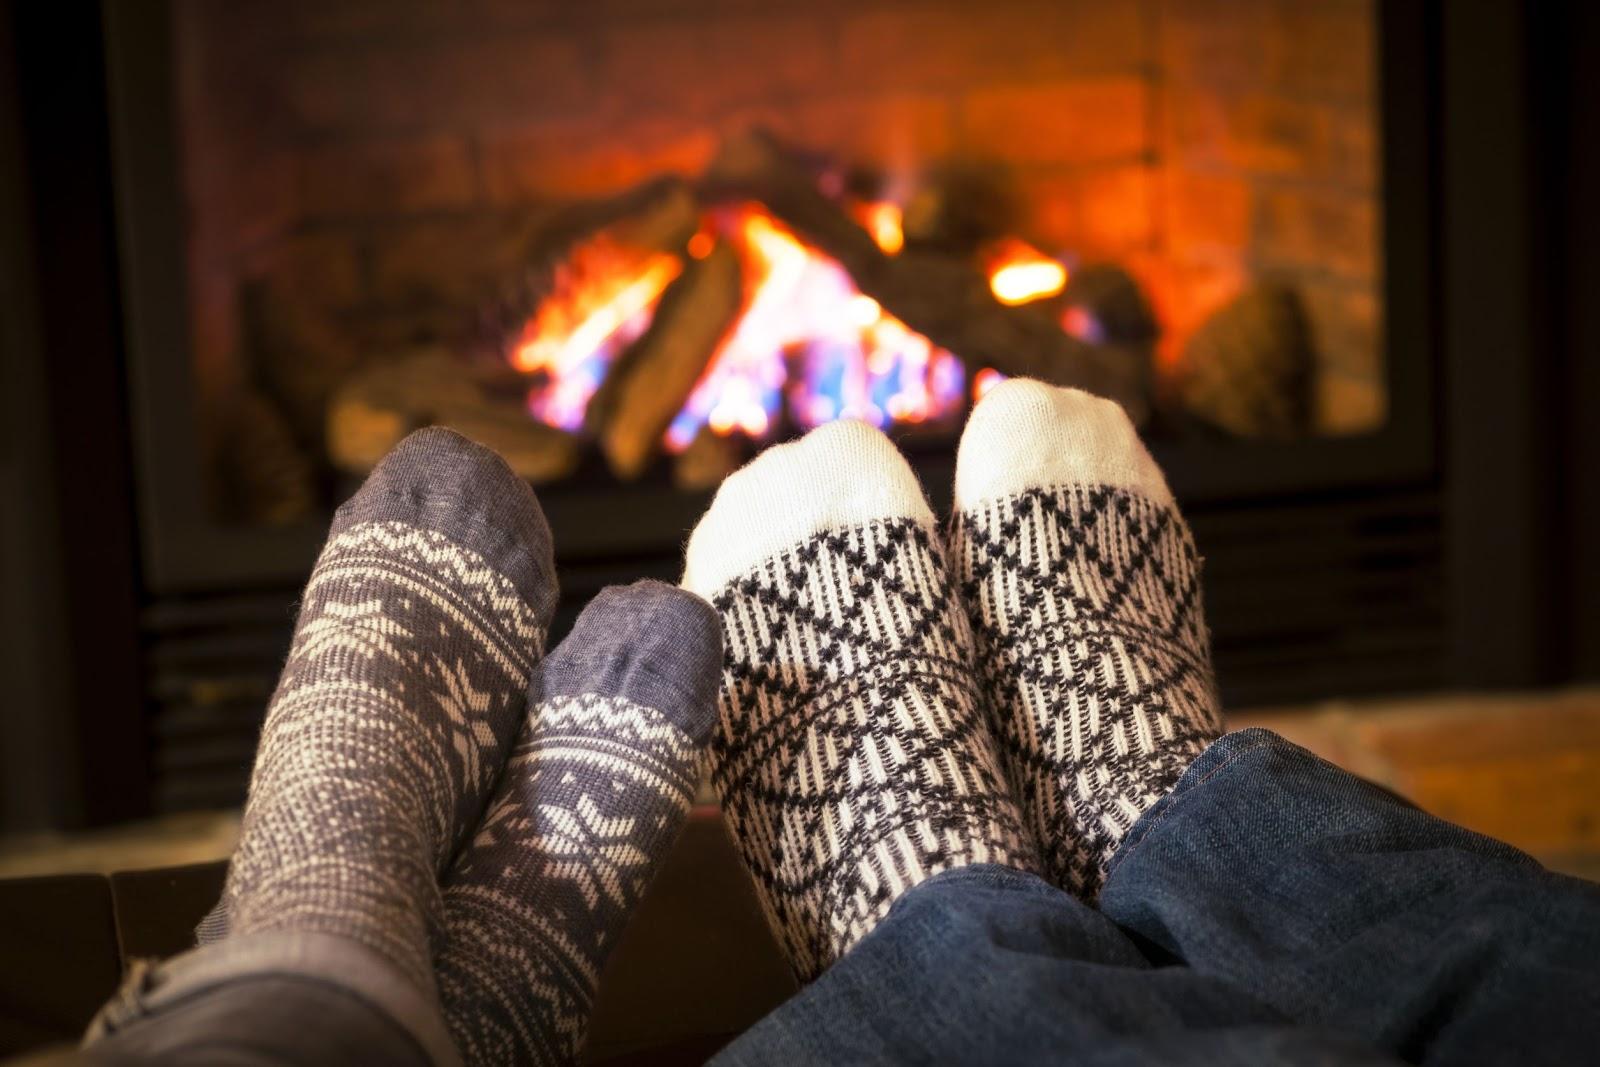 Feet In Socks Warming By Cozy Fire